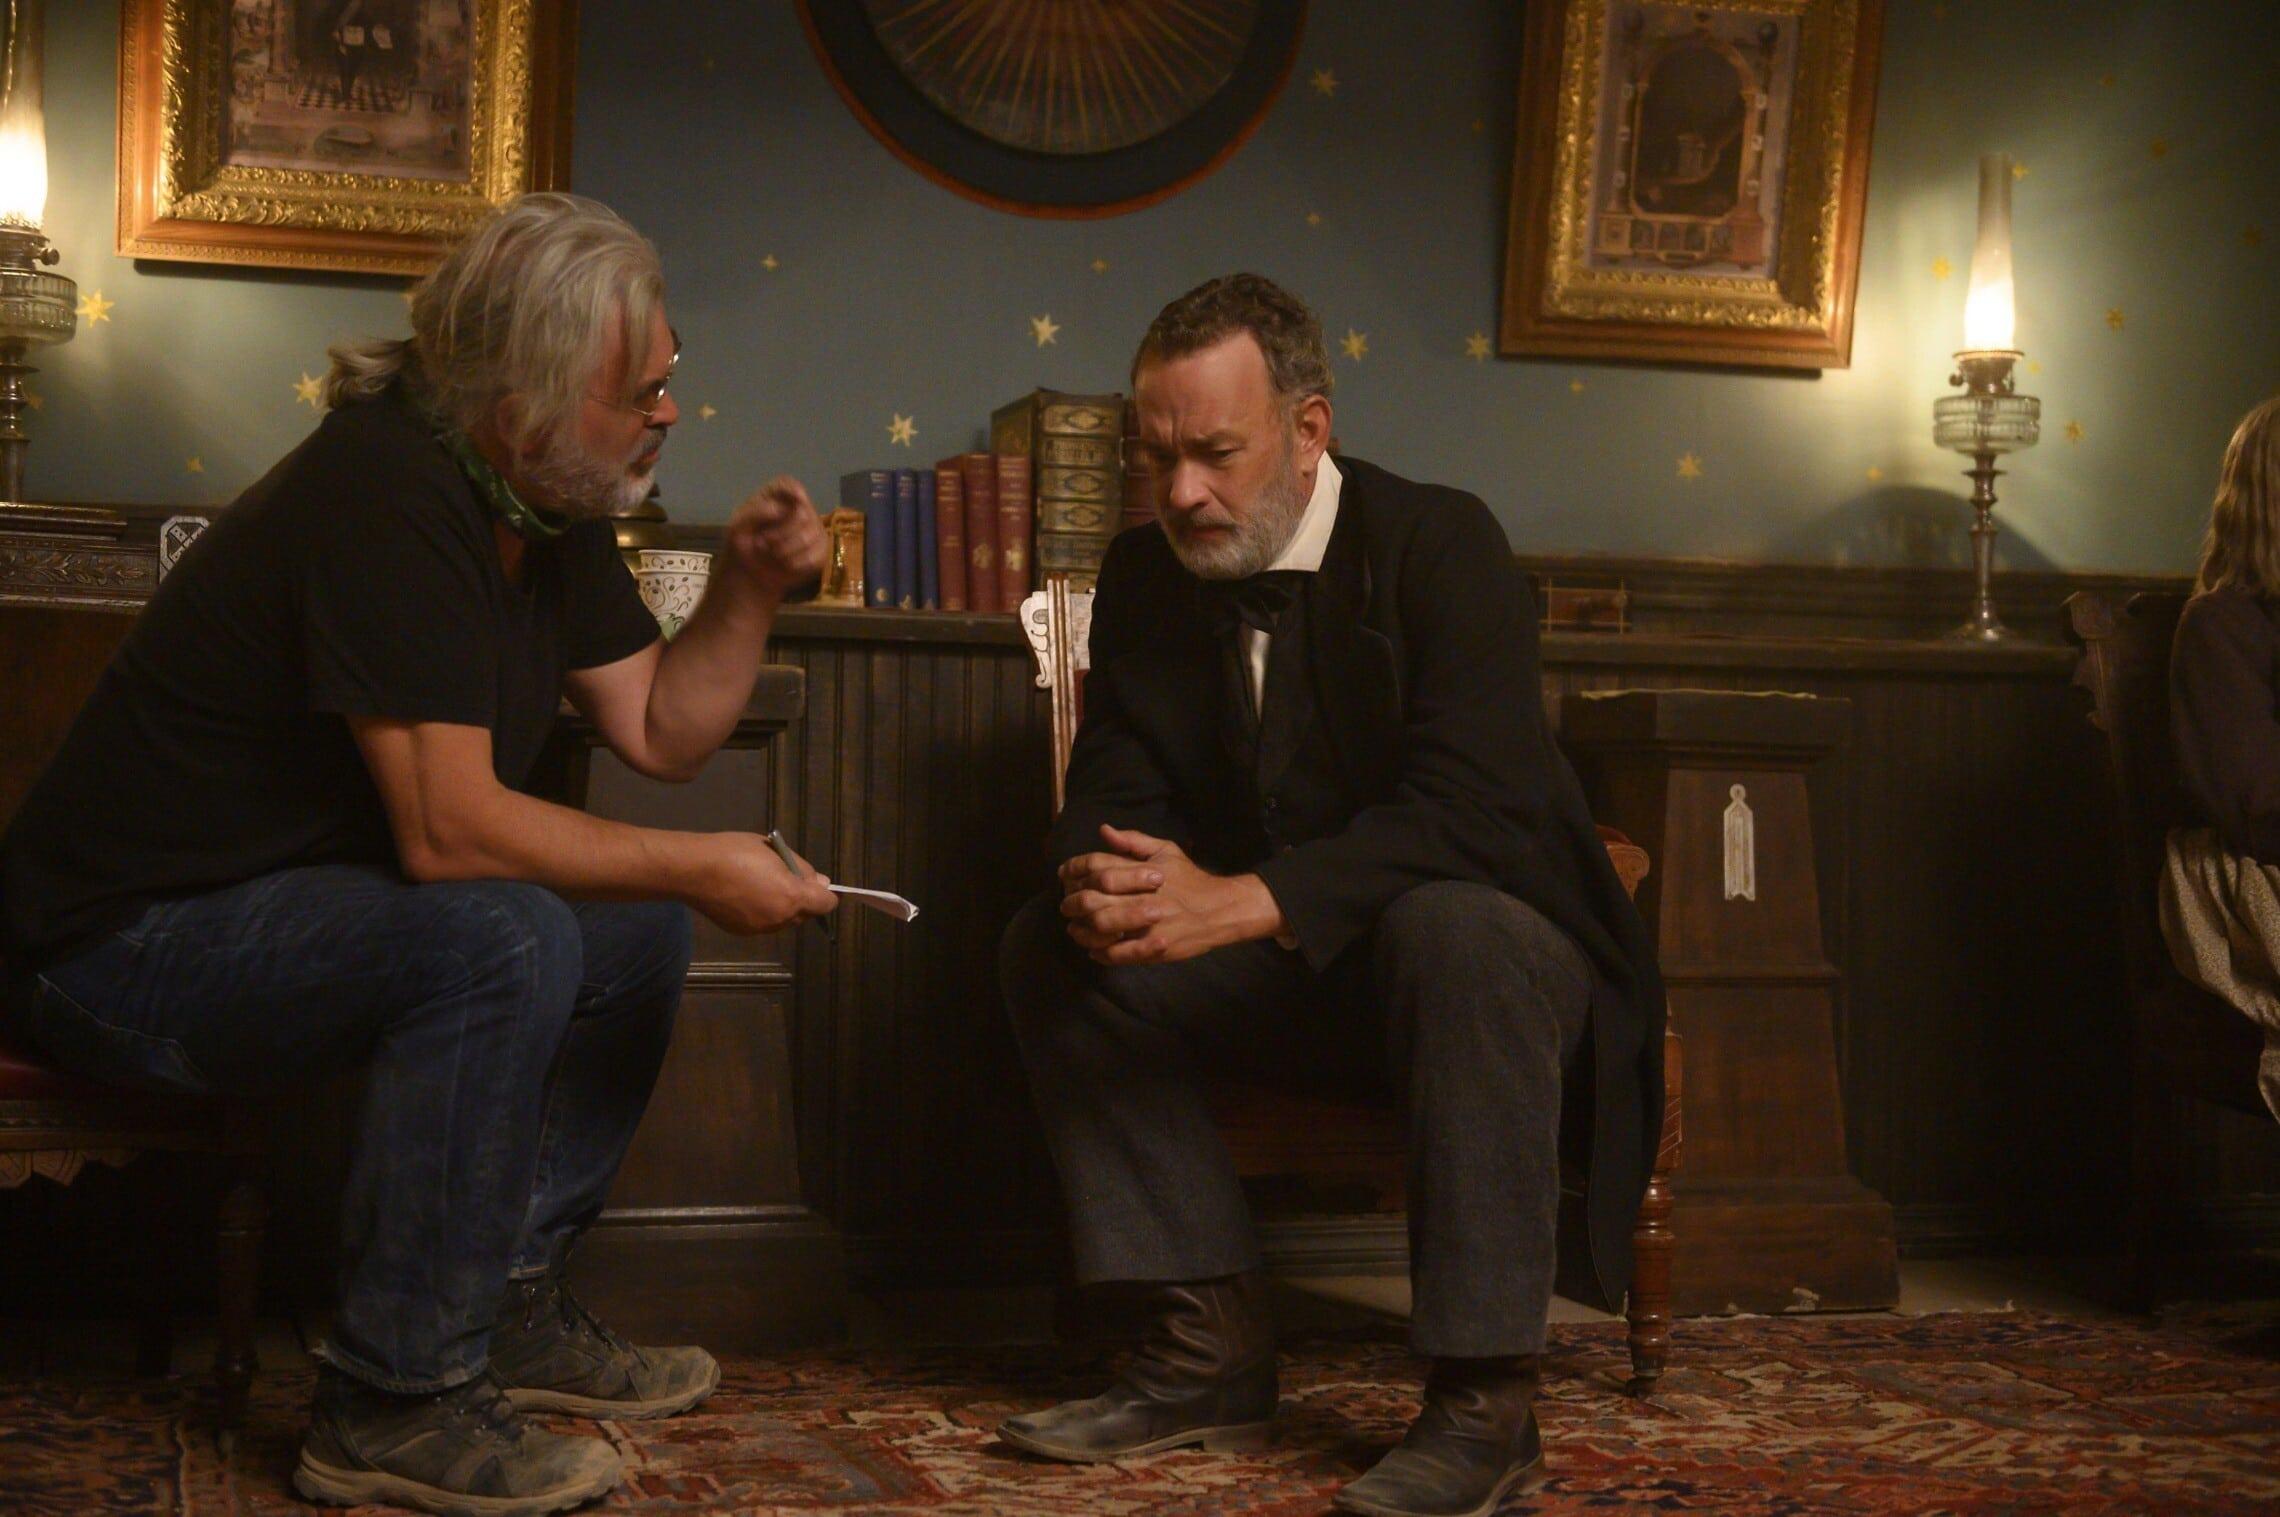 """טום הנקס והבמאי פול גרינגראס על הסט של """"חדשות העולם"""" (צילום: Bruce W. Talamon/Universal Pictures)"""